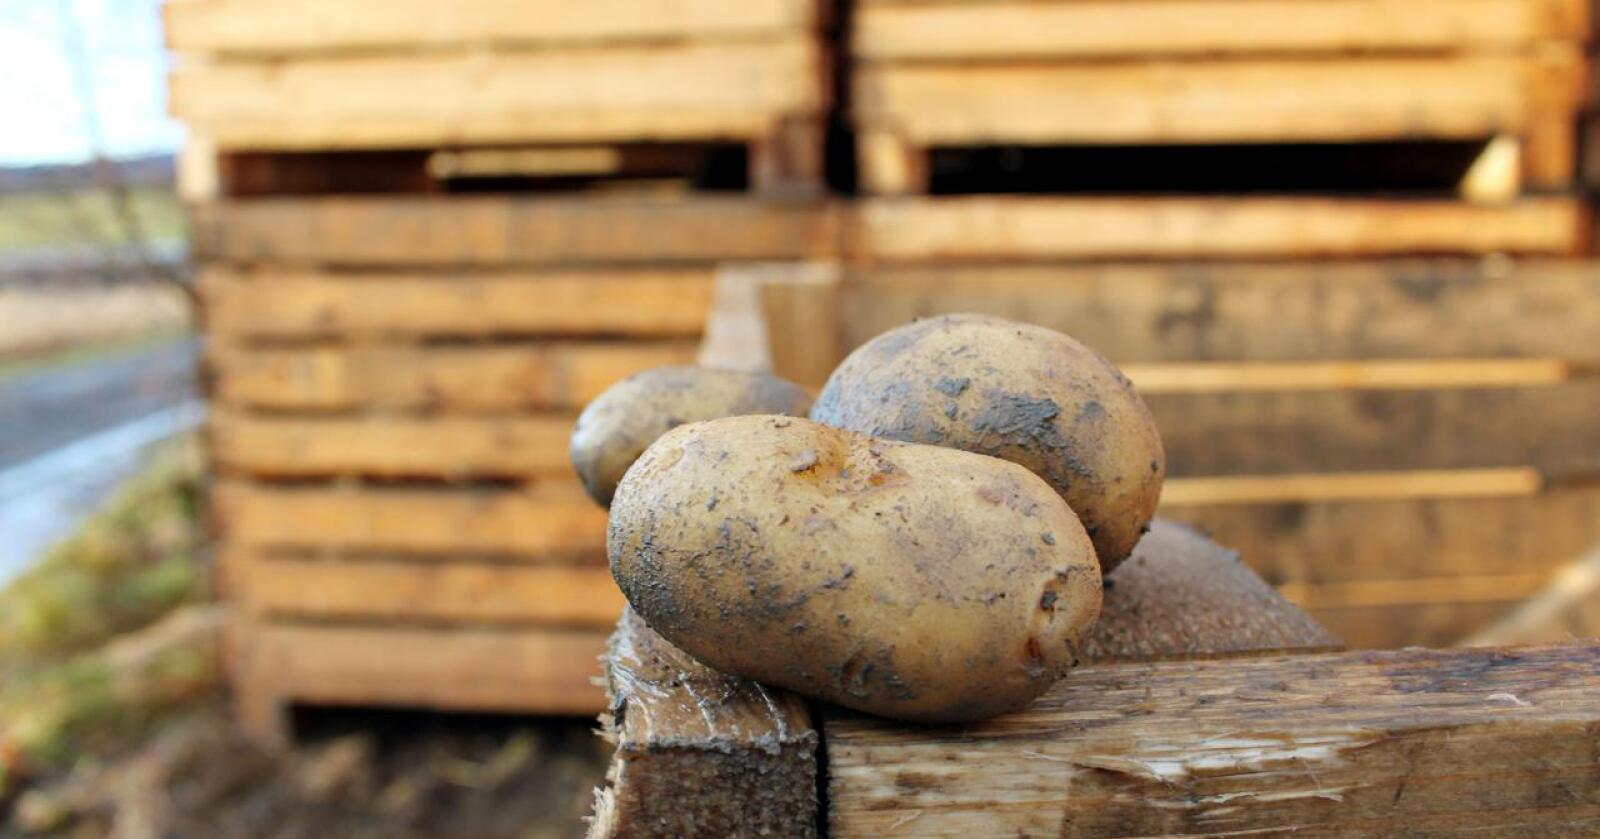 KVALITET: Gjennom et treårig prosjekt håper NIBIO at de skal få kunnskap om potetlagring, som skal hjelpe produsentene med å holde på kvaliteten gjennom lagringstida. Foto: Marit Glærum